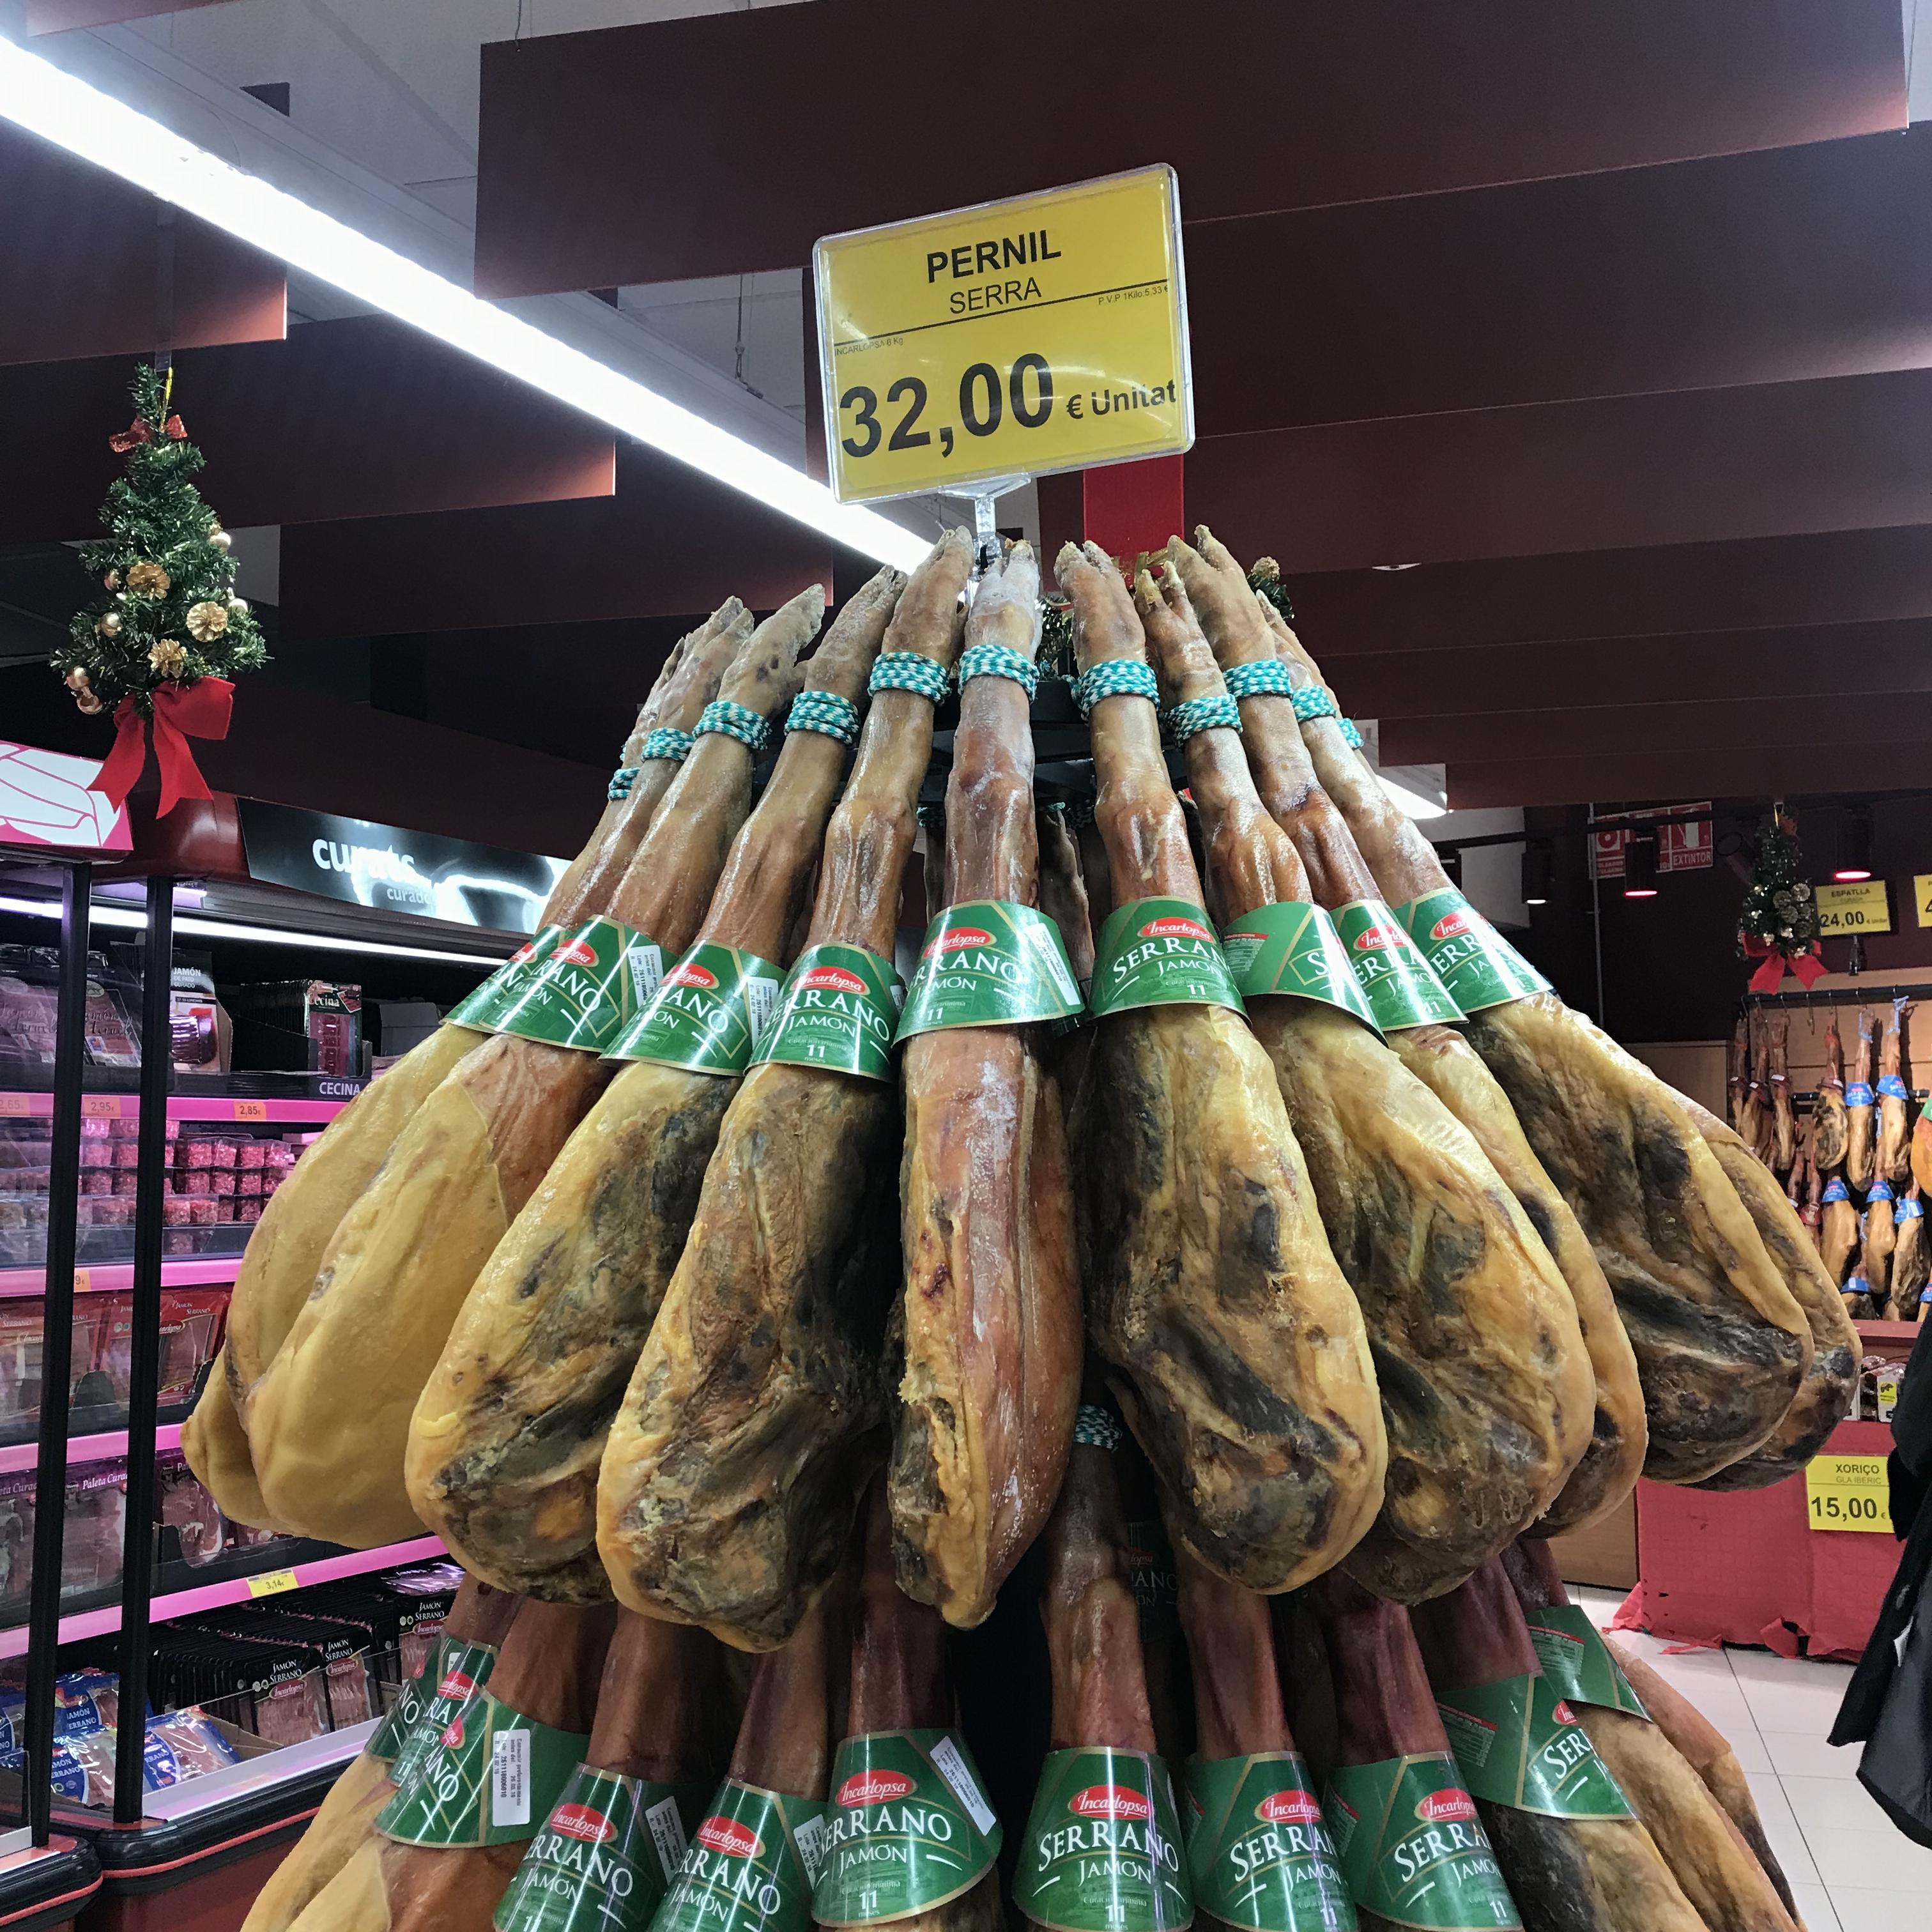 バルセロナ旅行記 いろいろなスーパーマーケット